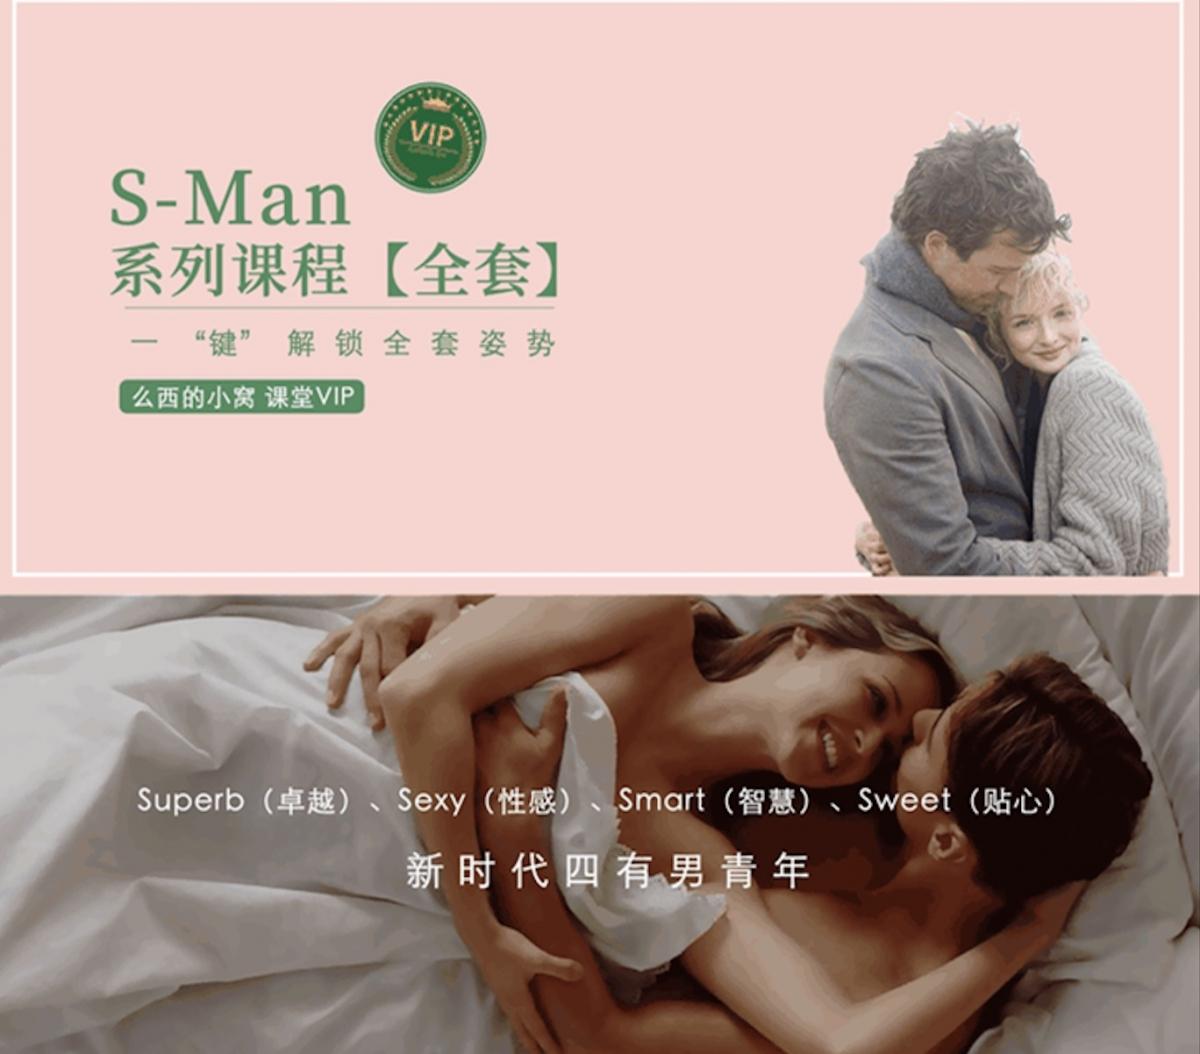 两性情感课程#吴么西亲授 S-man 会员全套 涵盖延时、高嘲、耐受性等课程